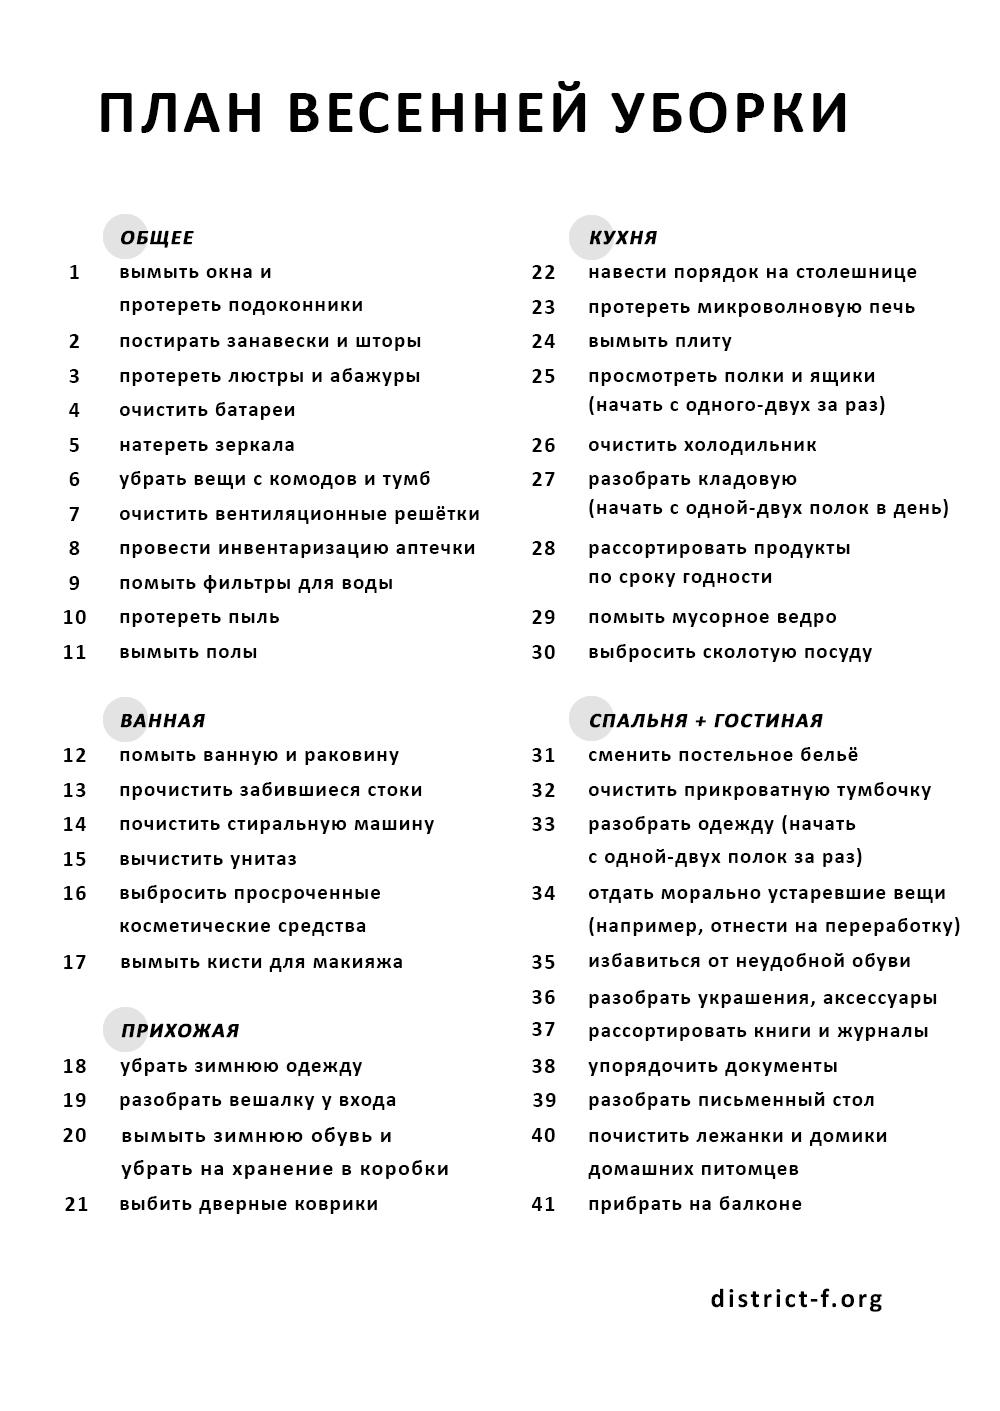 ПЛАН ВЕСЕННЕЙ УБОРКИ district-f.org (2)